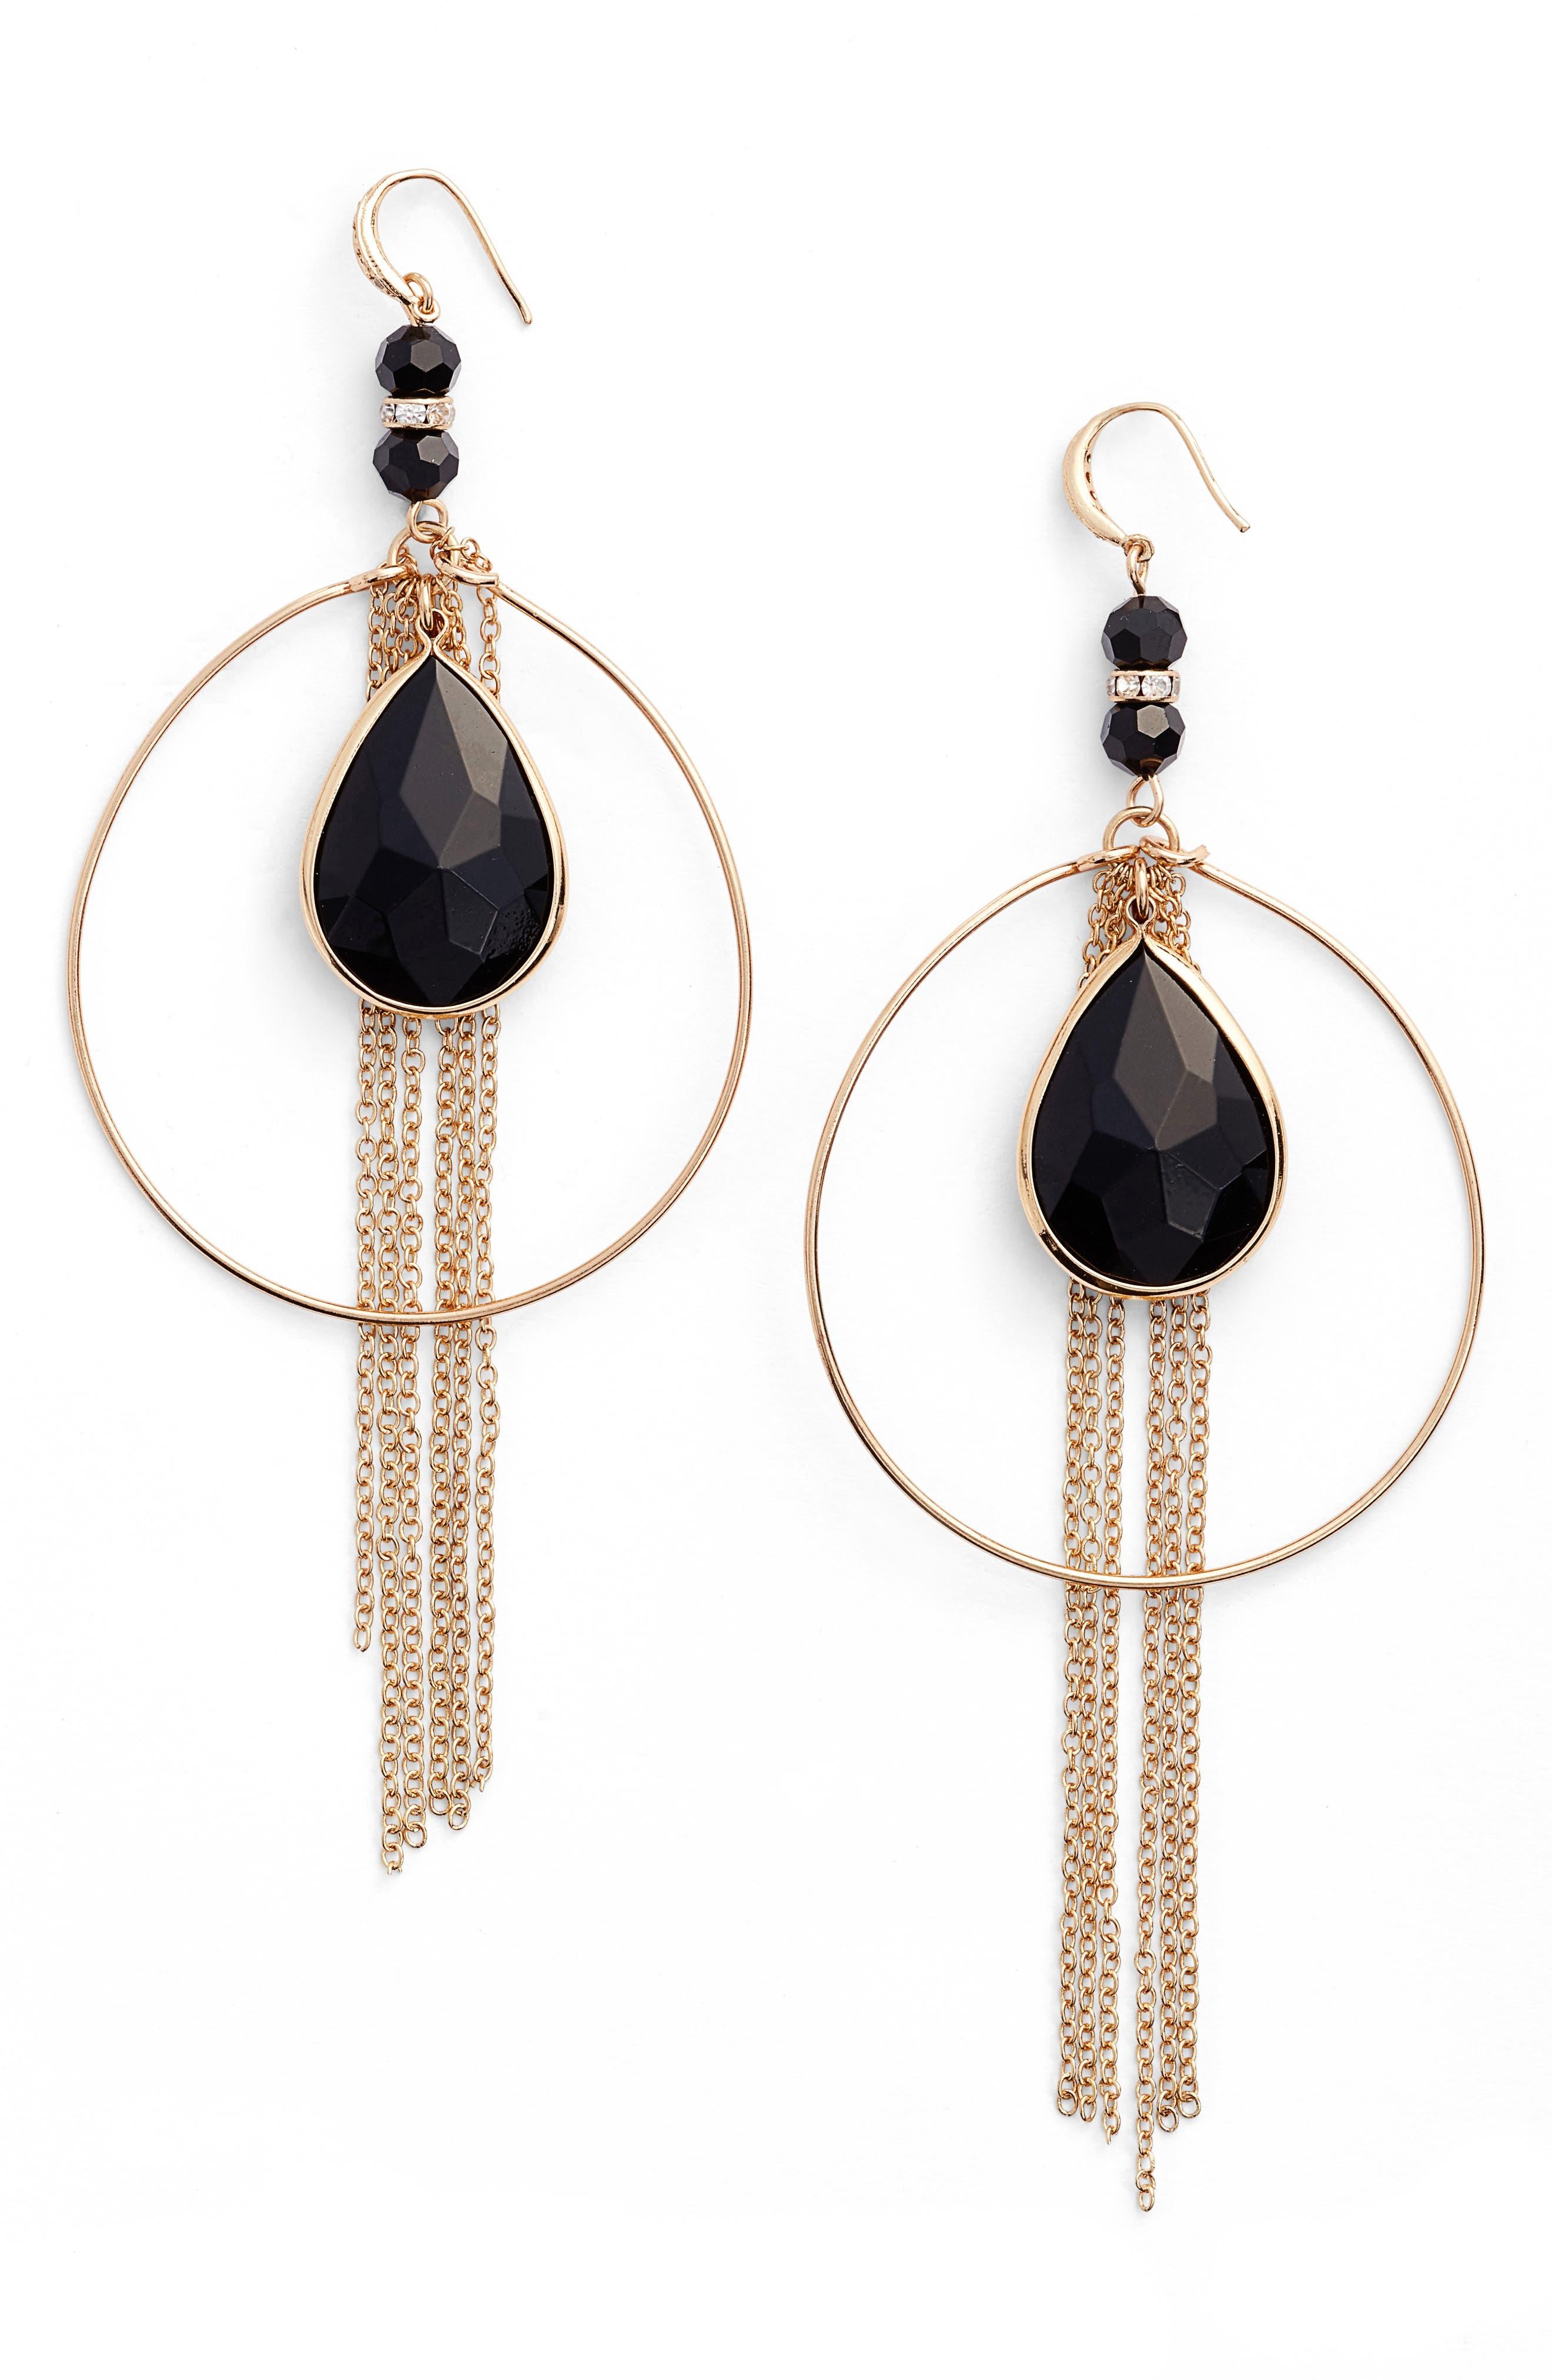 ETTIKA Hoop & Chains Drop Earrings